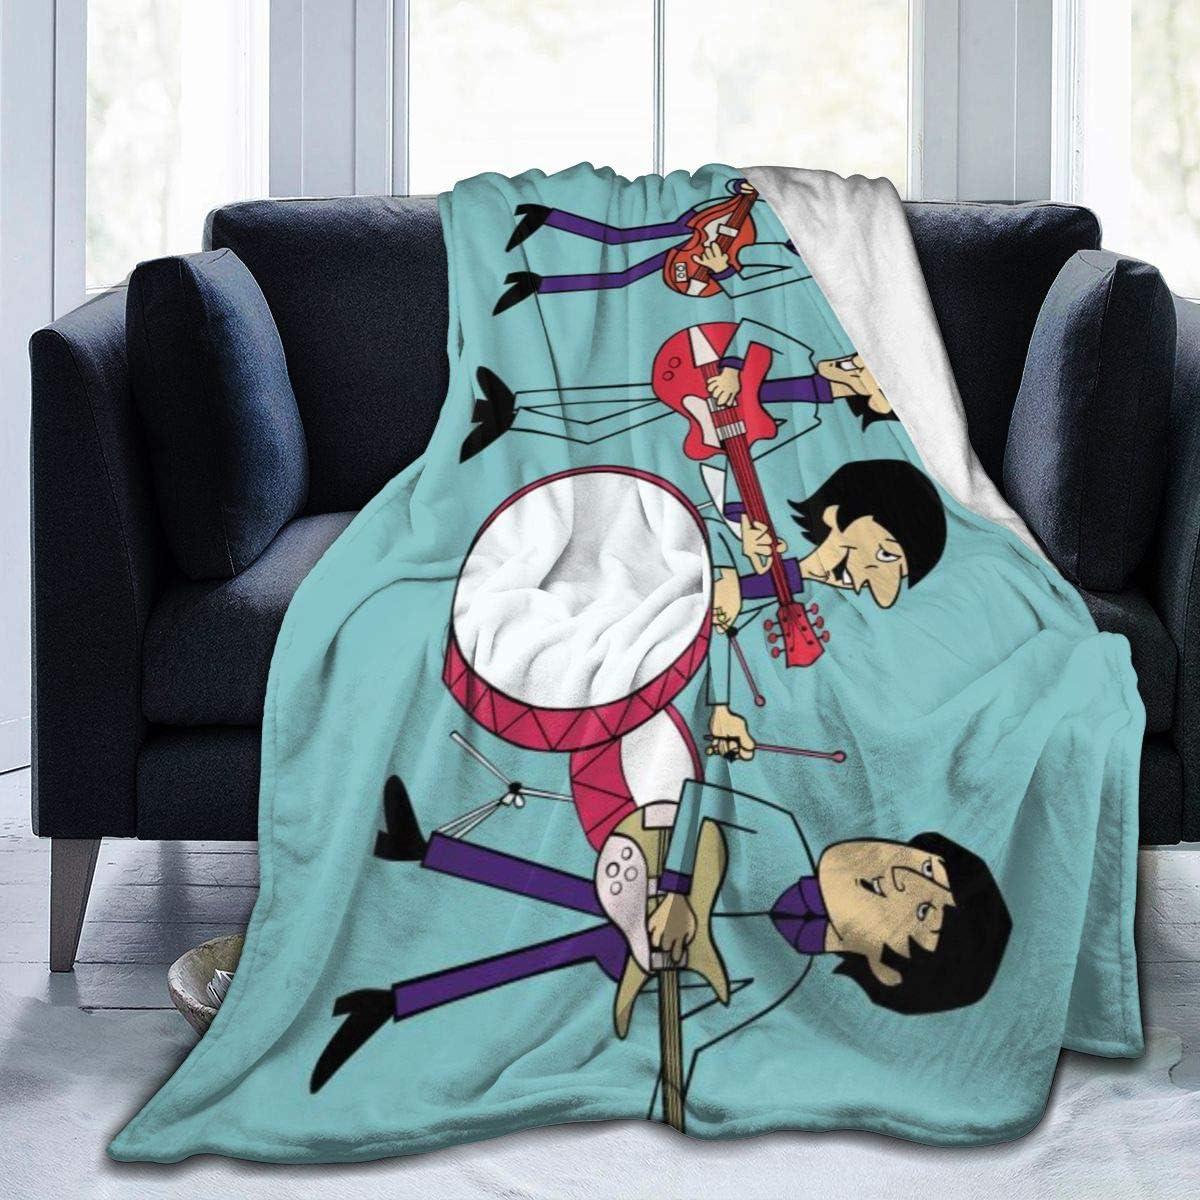 Anime Bea-tles Throw Blanket